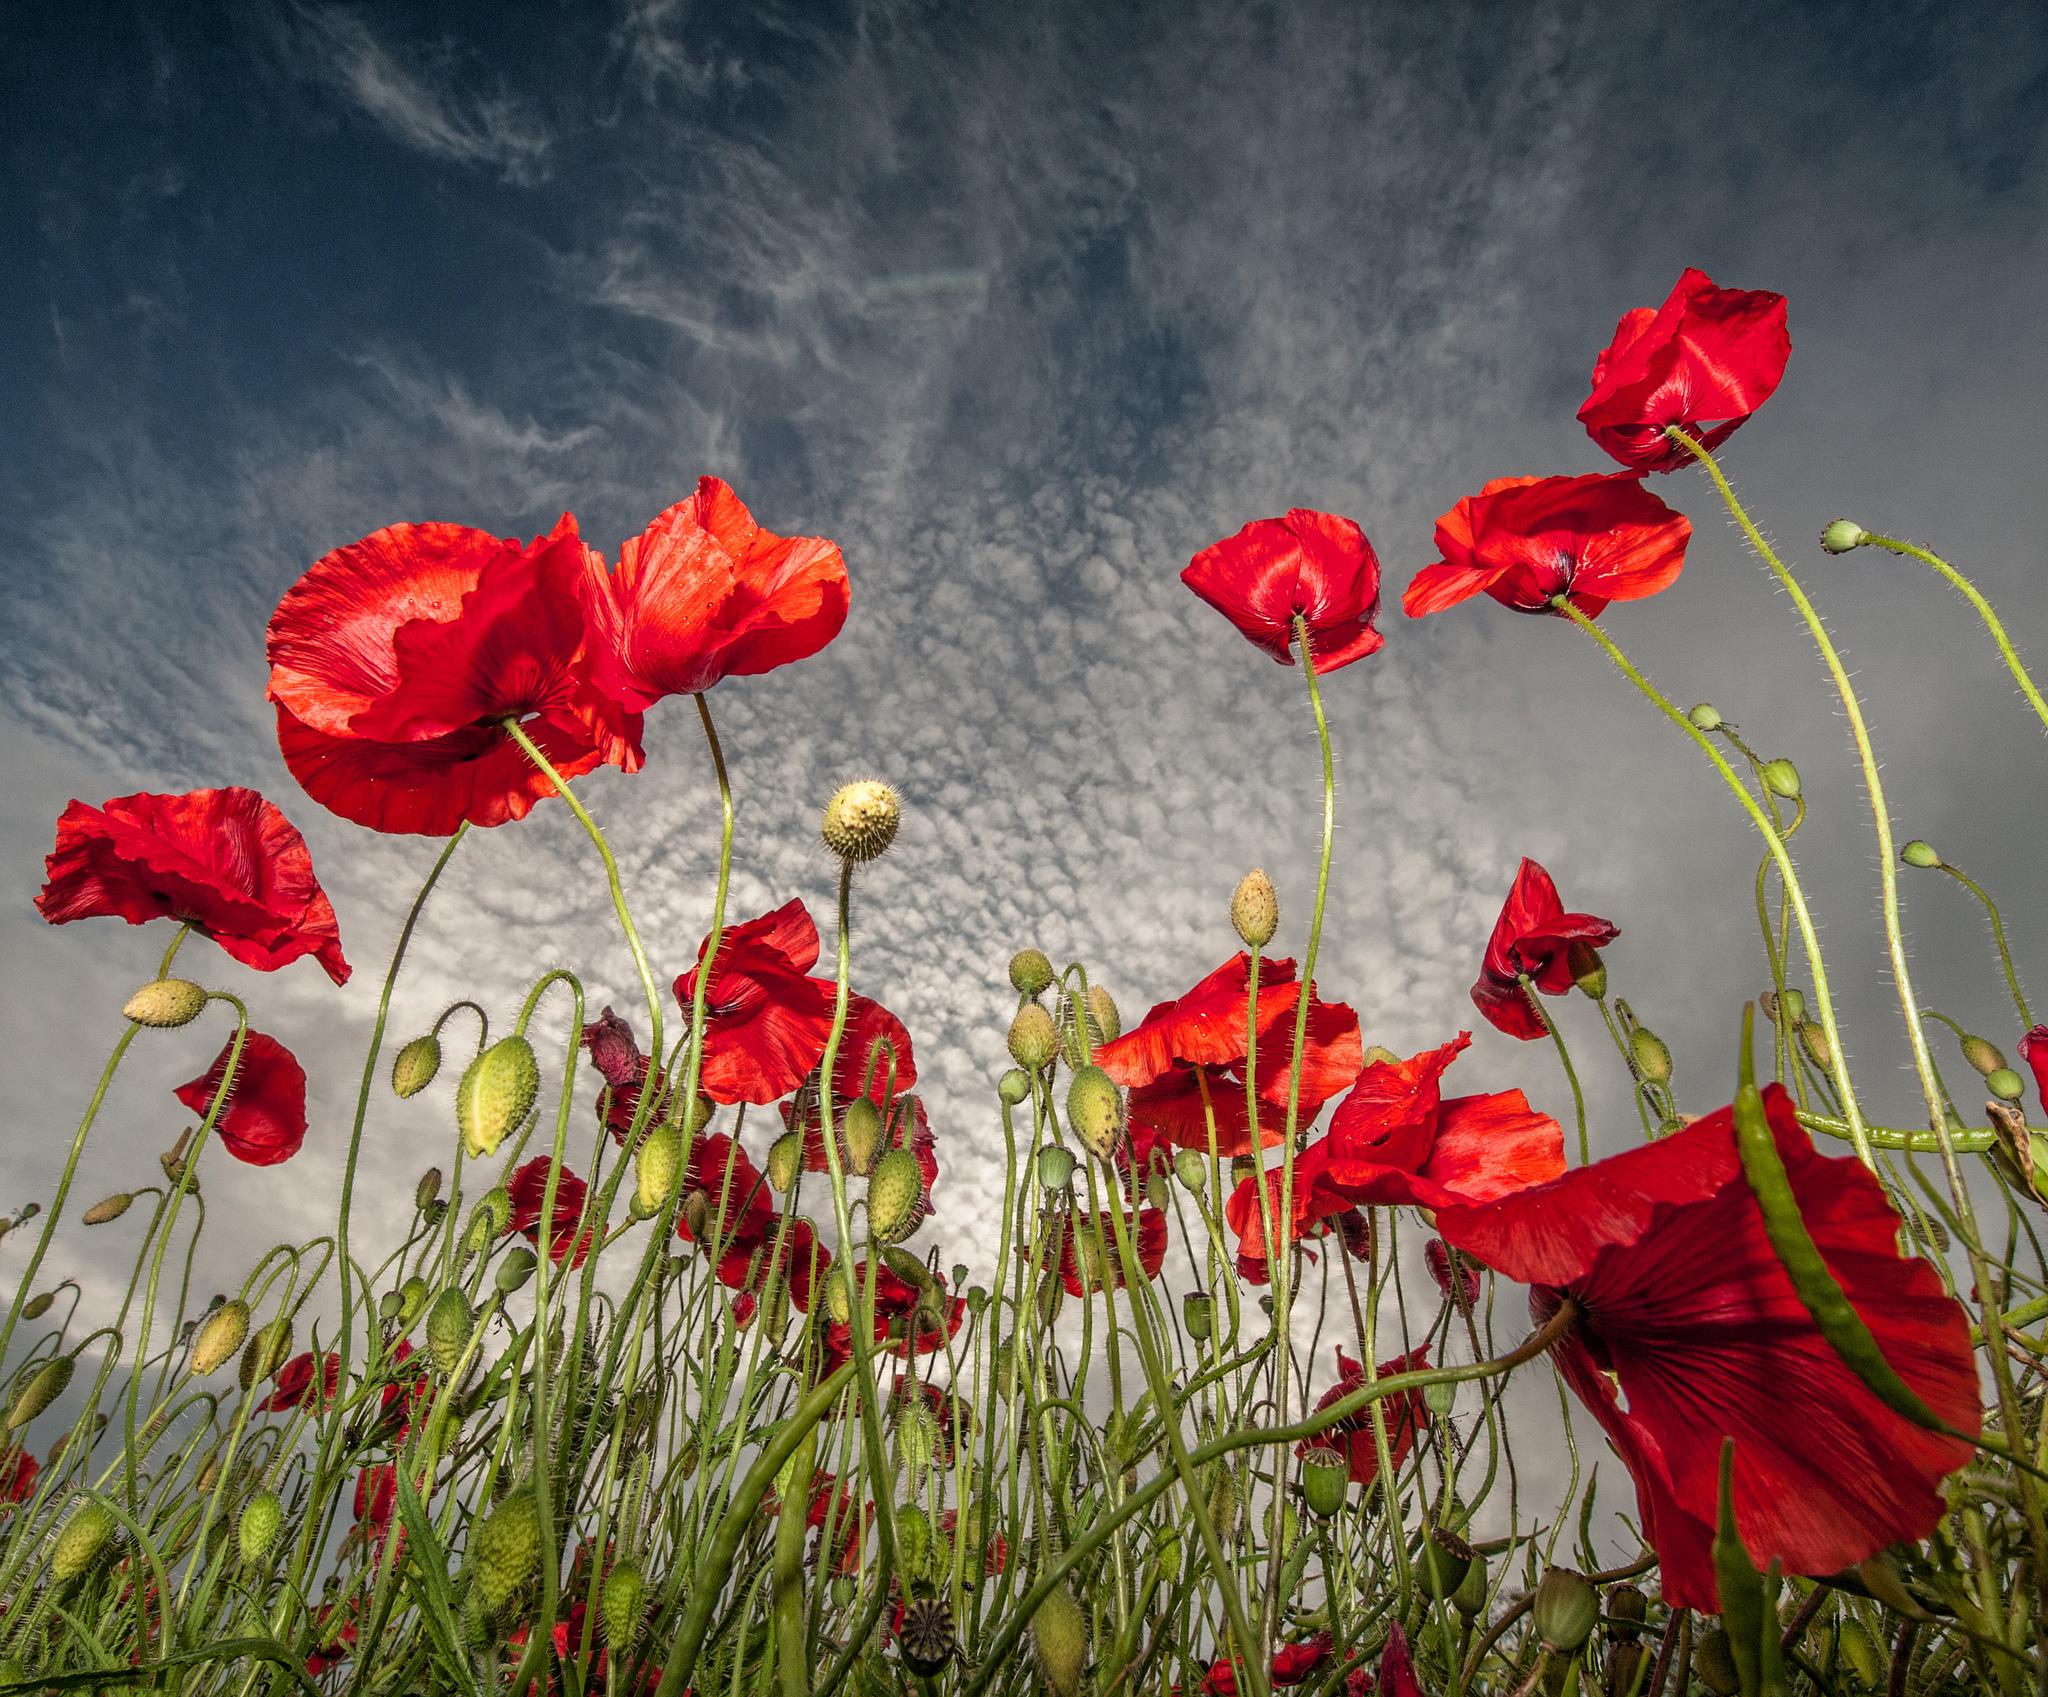 earth poppy wallpaper